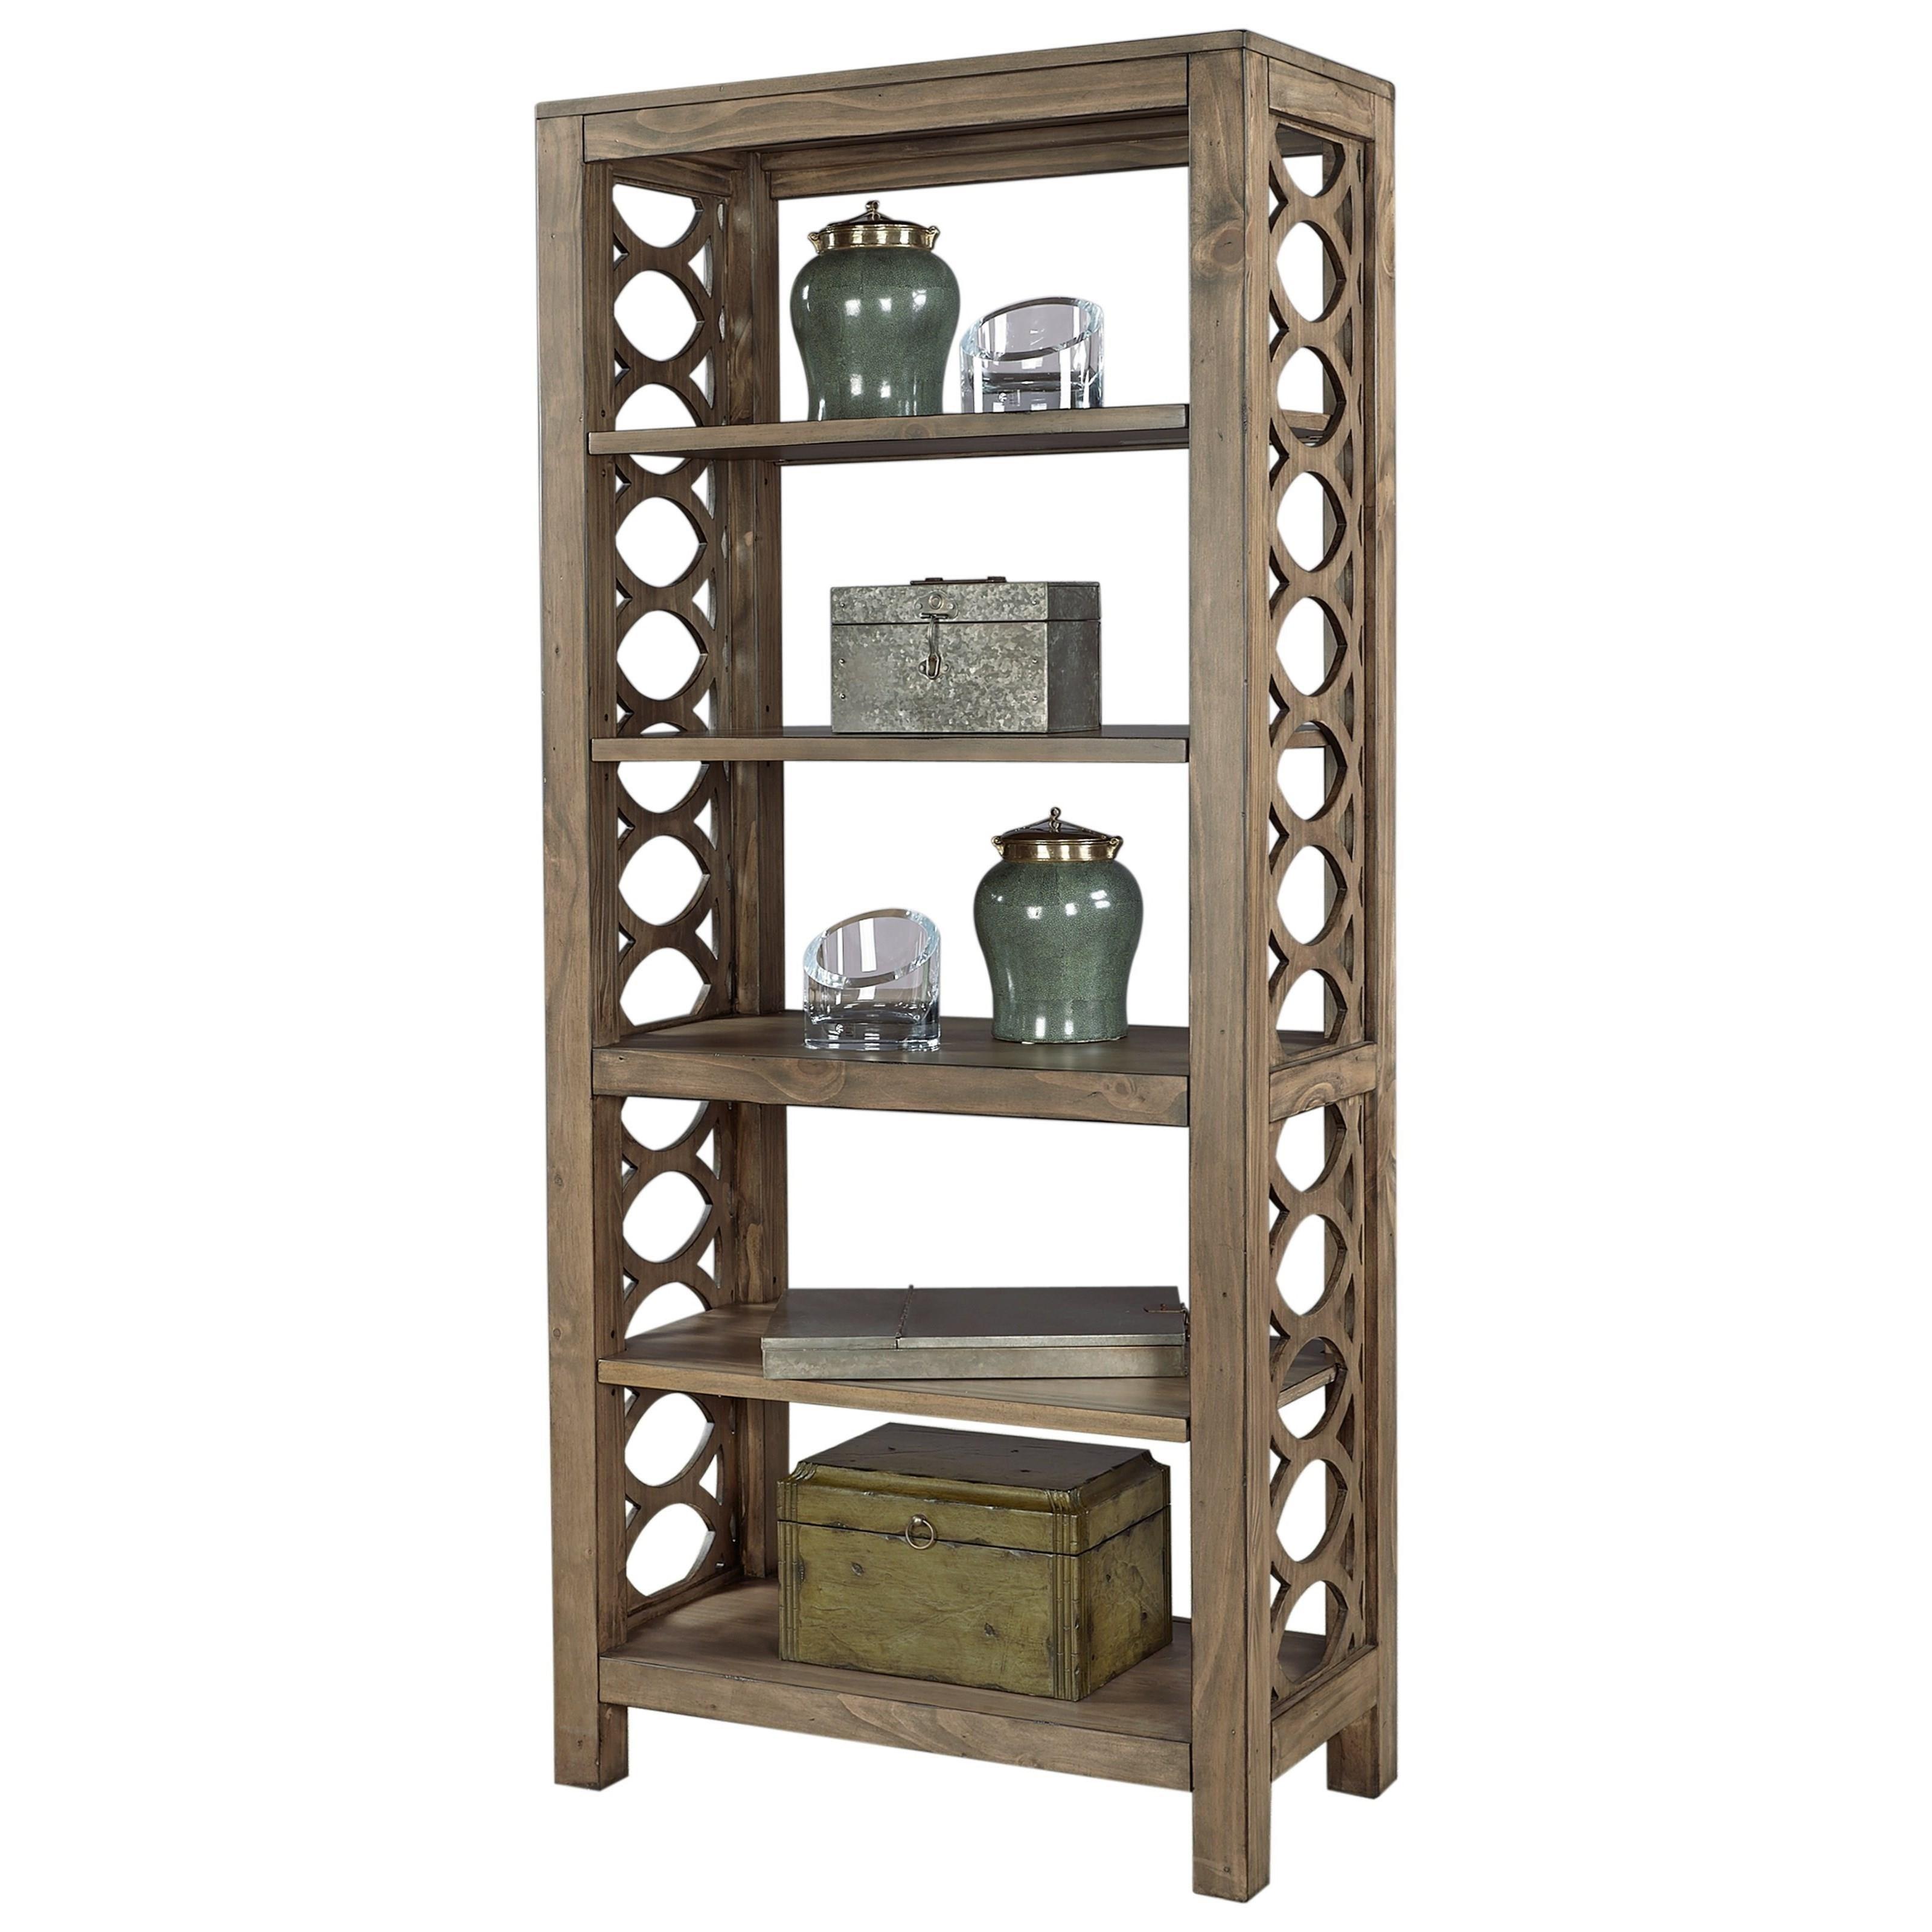 Aspenhome Tildon Bookcase/Room Divider  - Item Number: I56-333